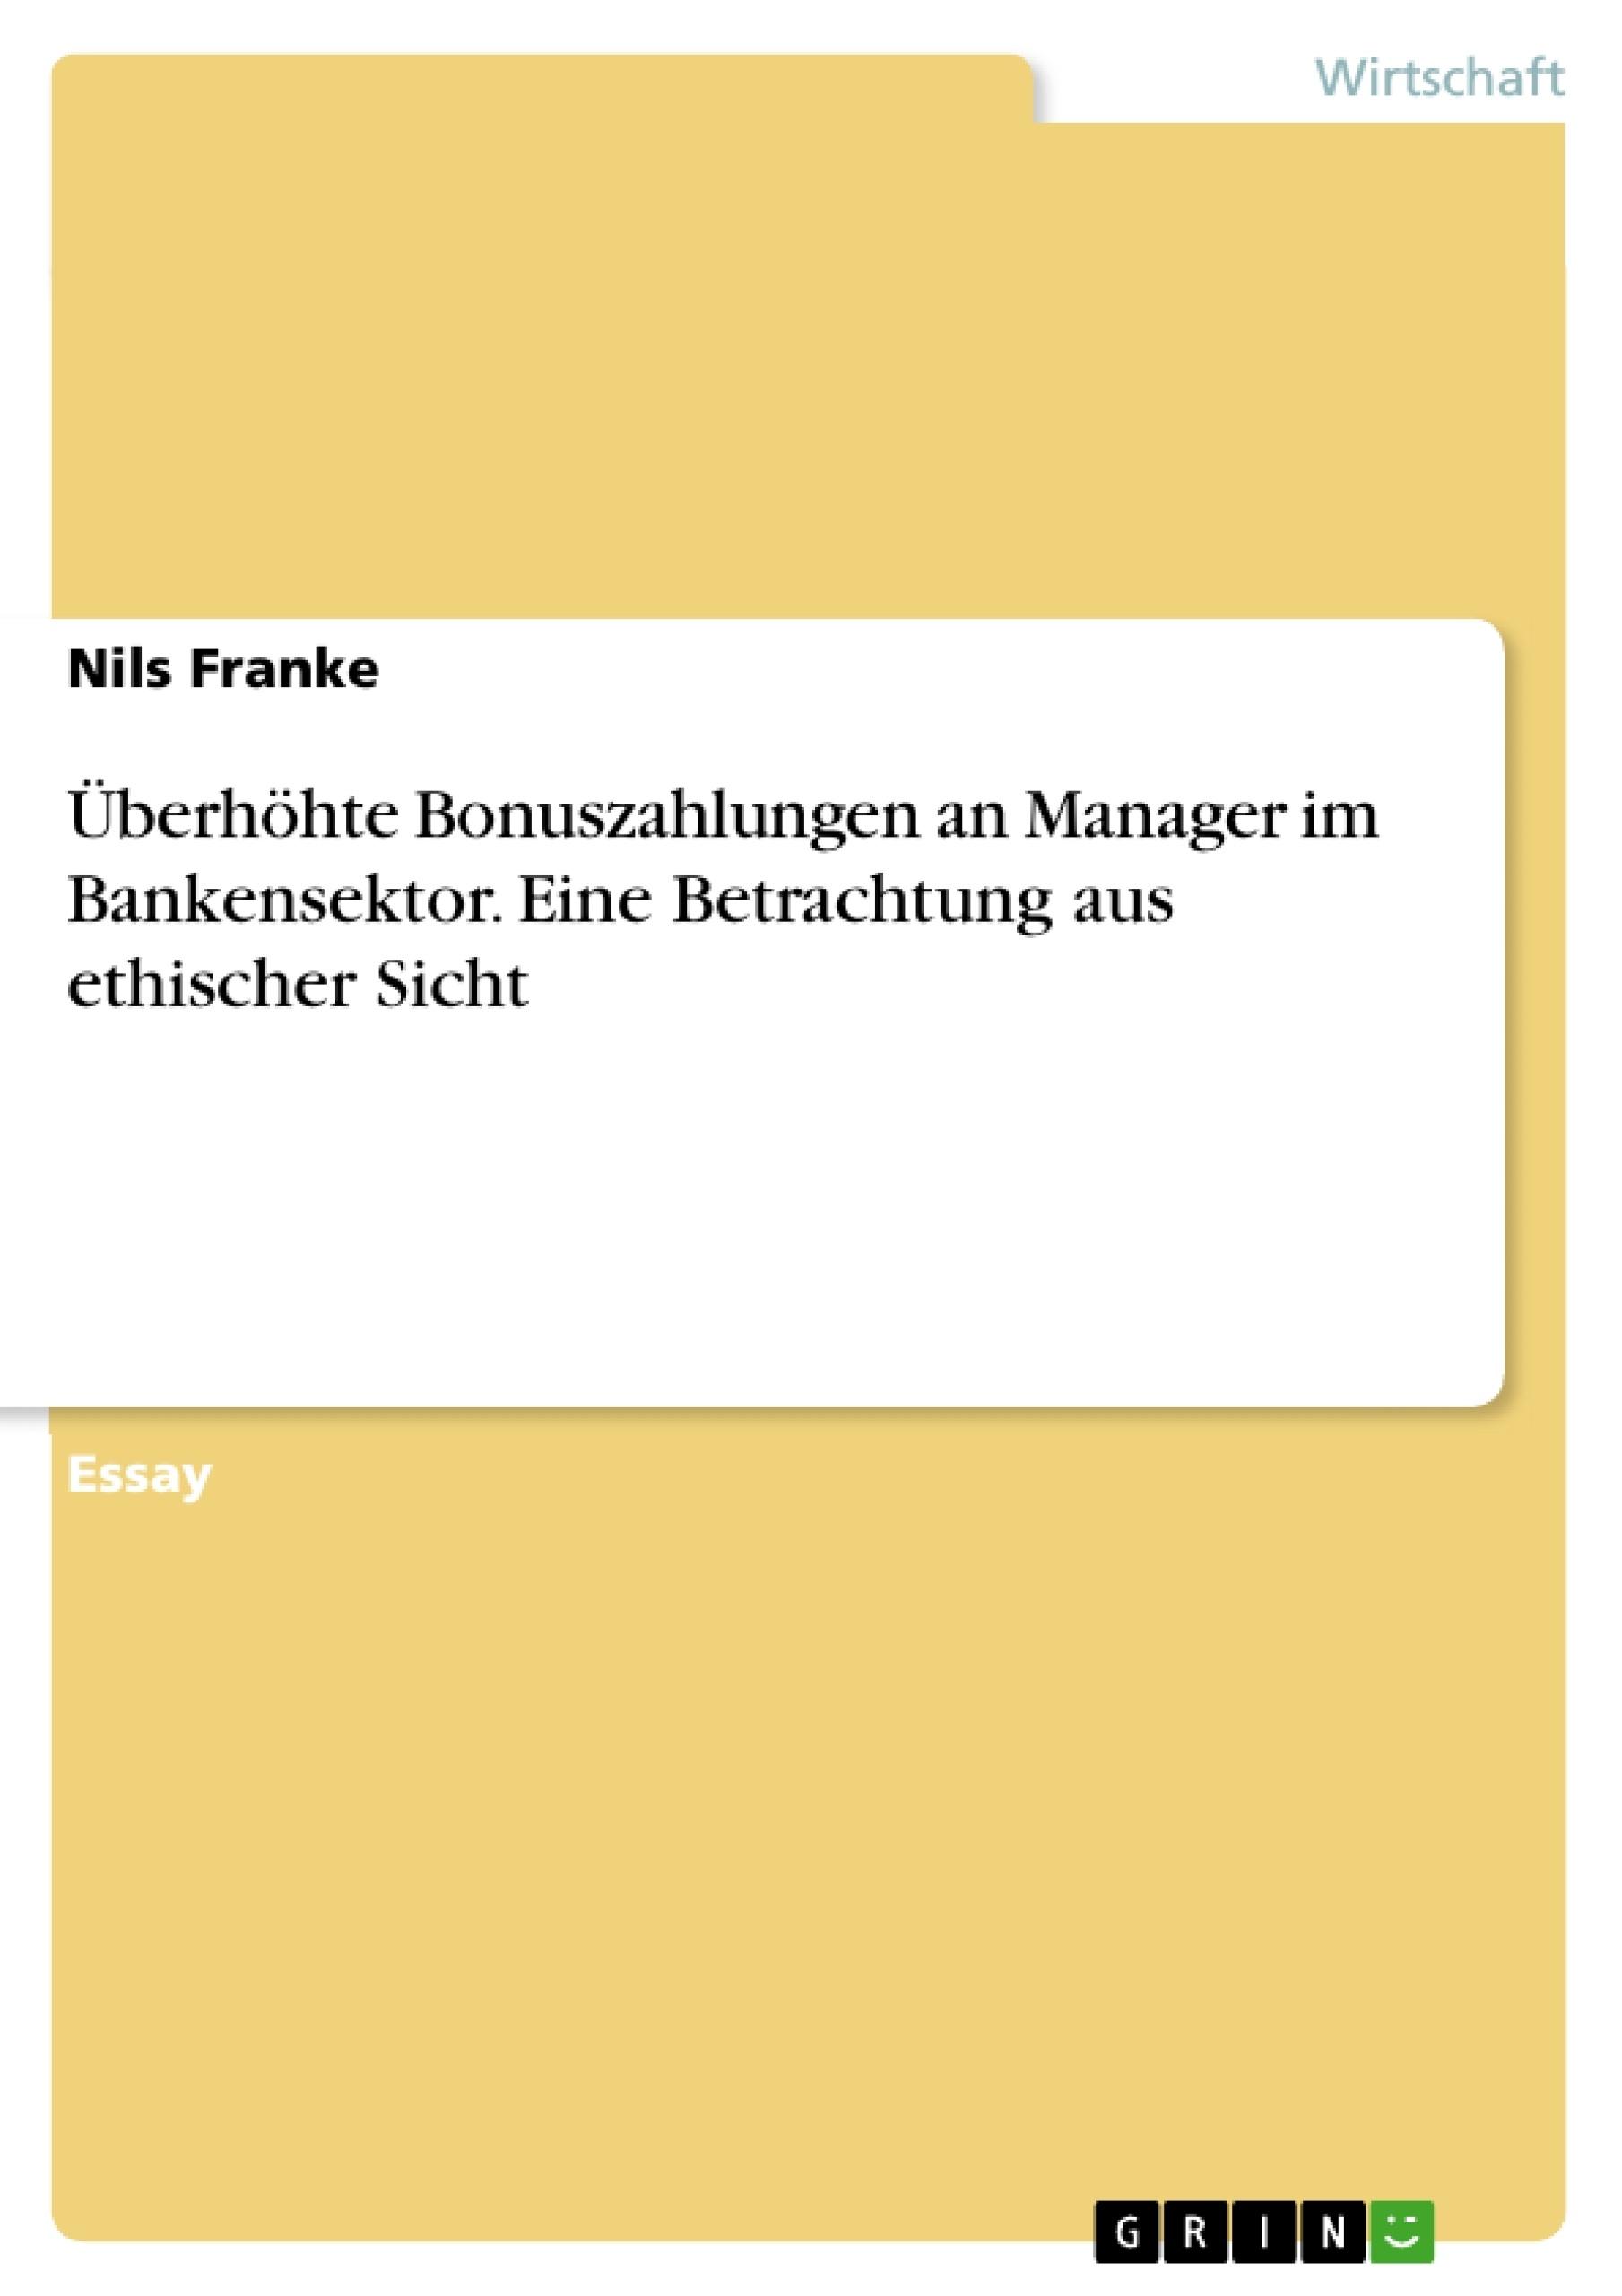 Titel: Überhöhte Bonuszahlungen an Manager im Bankensektor. Eine Betrachtung aus ethischer Sicht